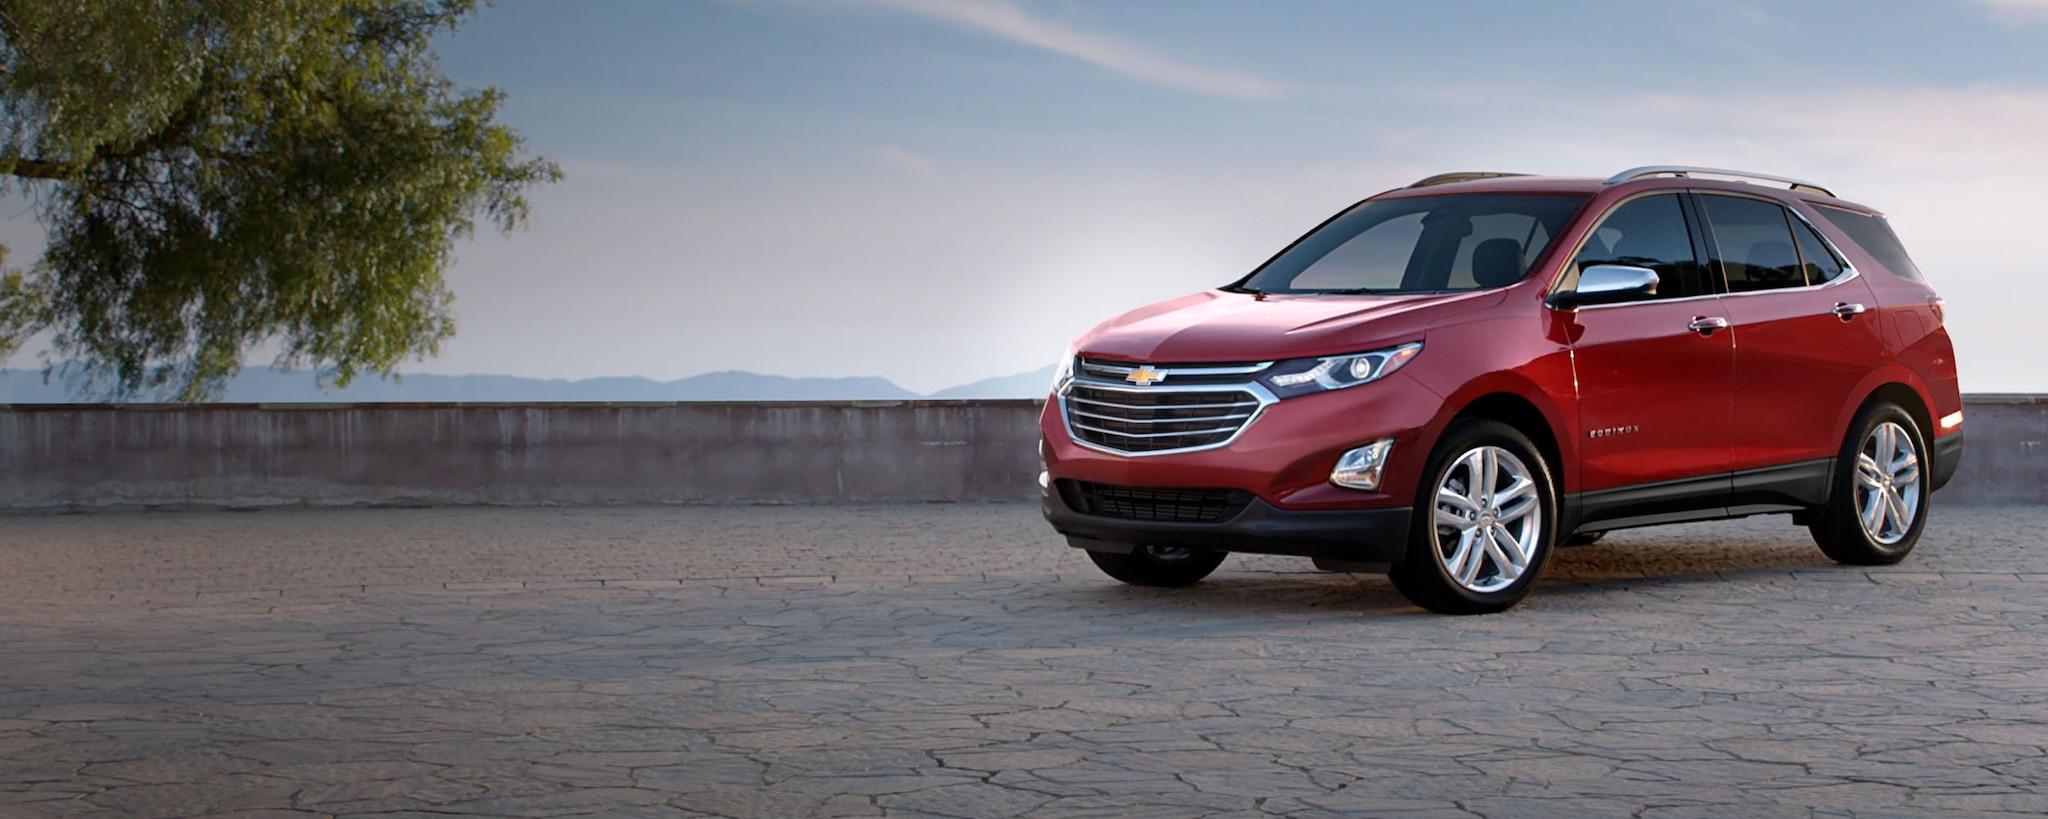 Ofertas actuales de Chevy: 15% por debajo del MSRP en la mayoría de los modelos Equinox 2018